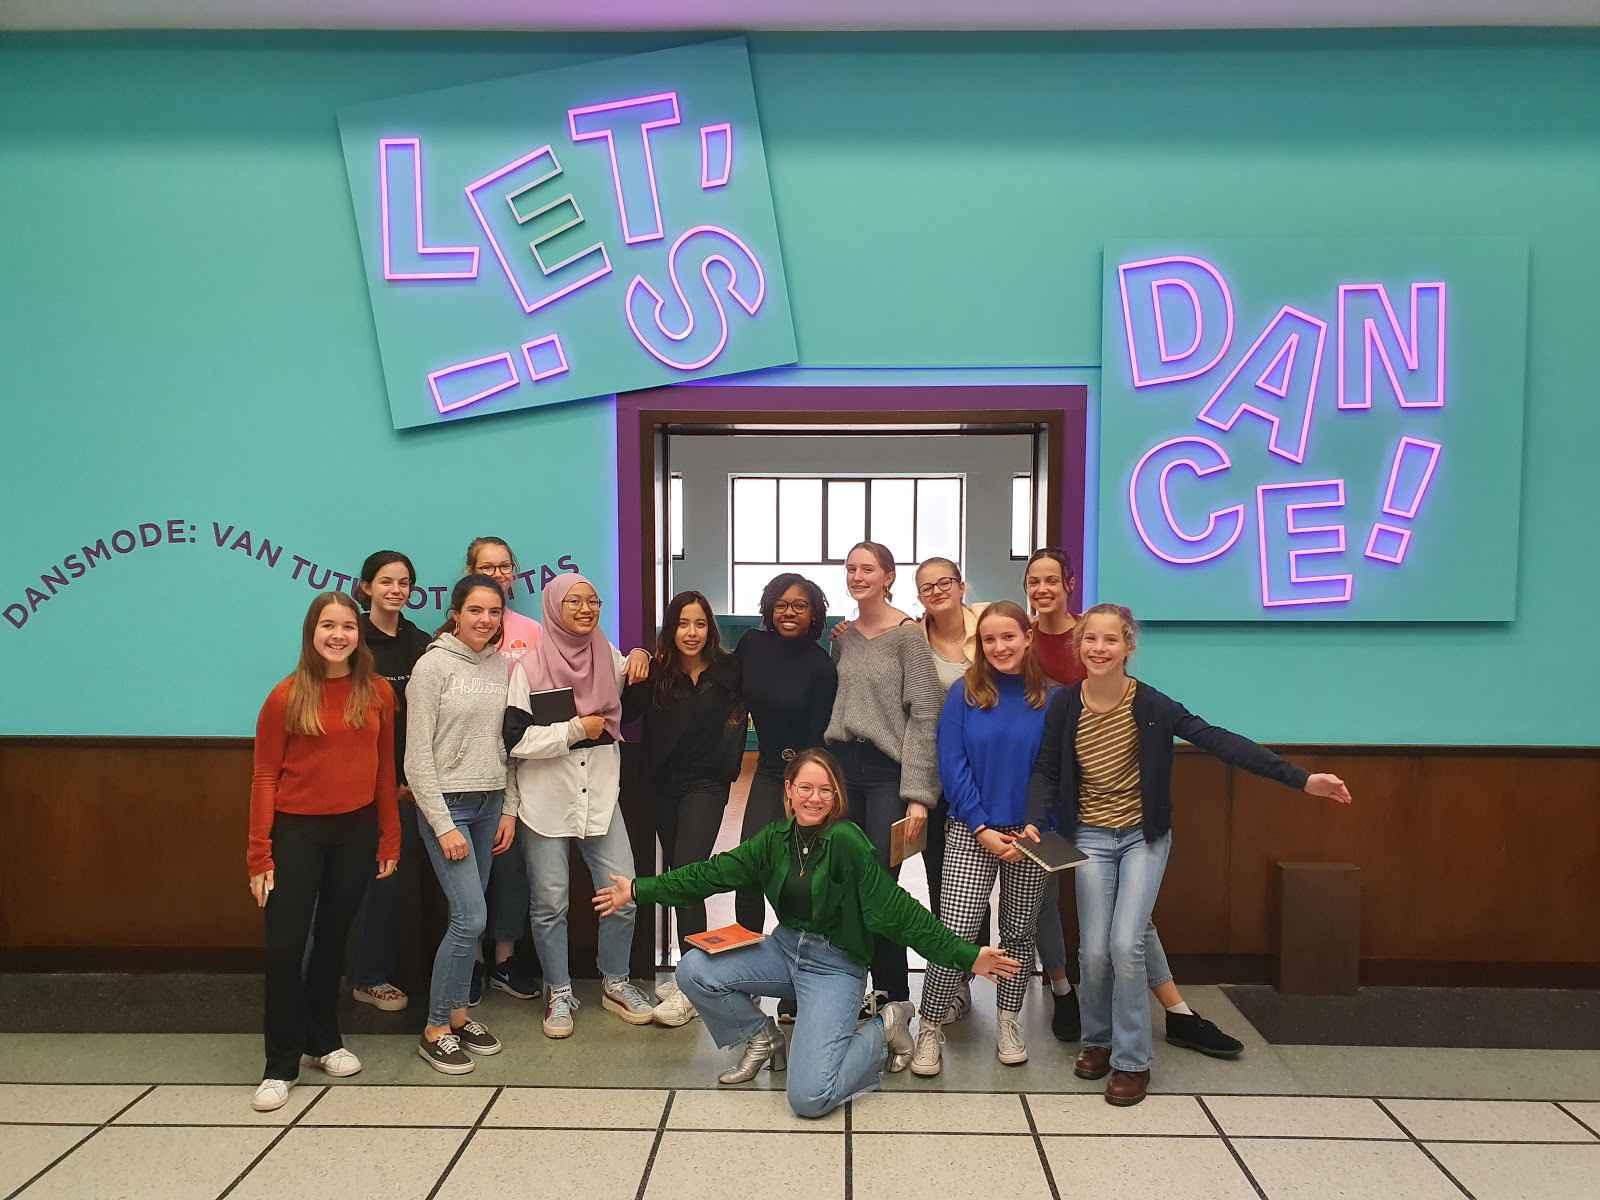 cultuurclub: let's dance Kunstmuseum